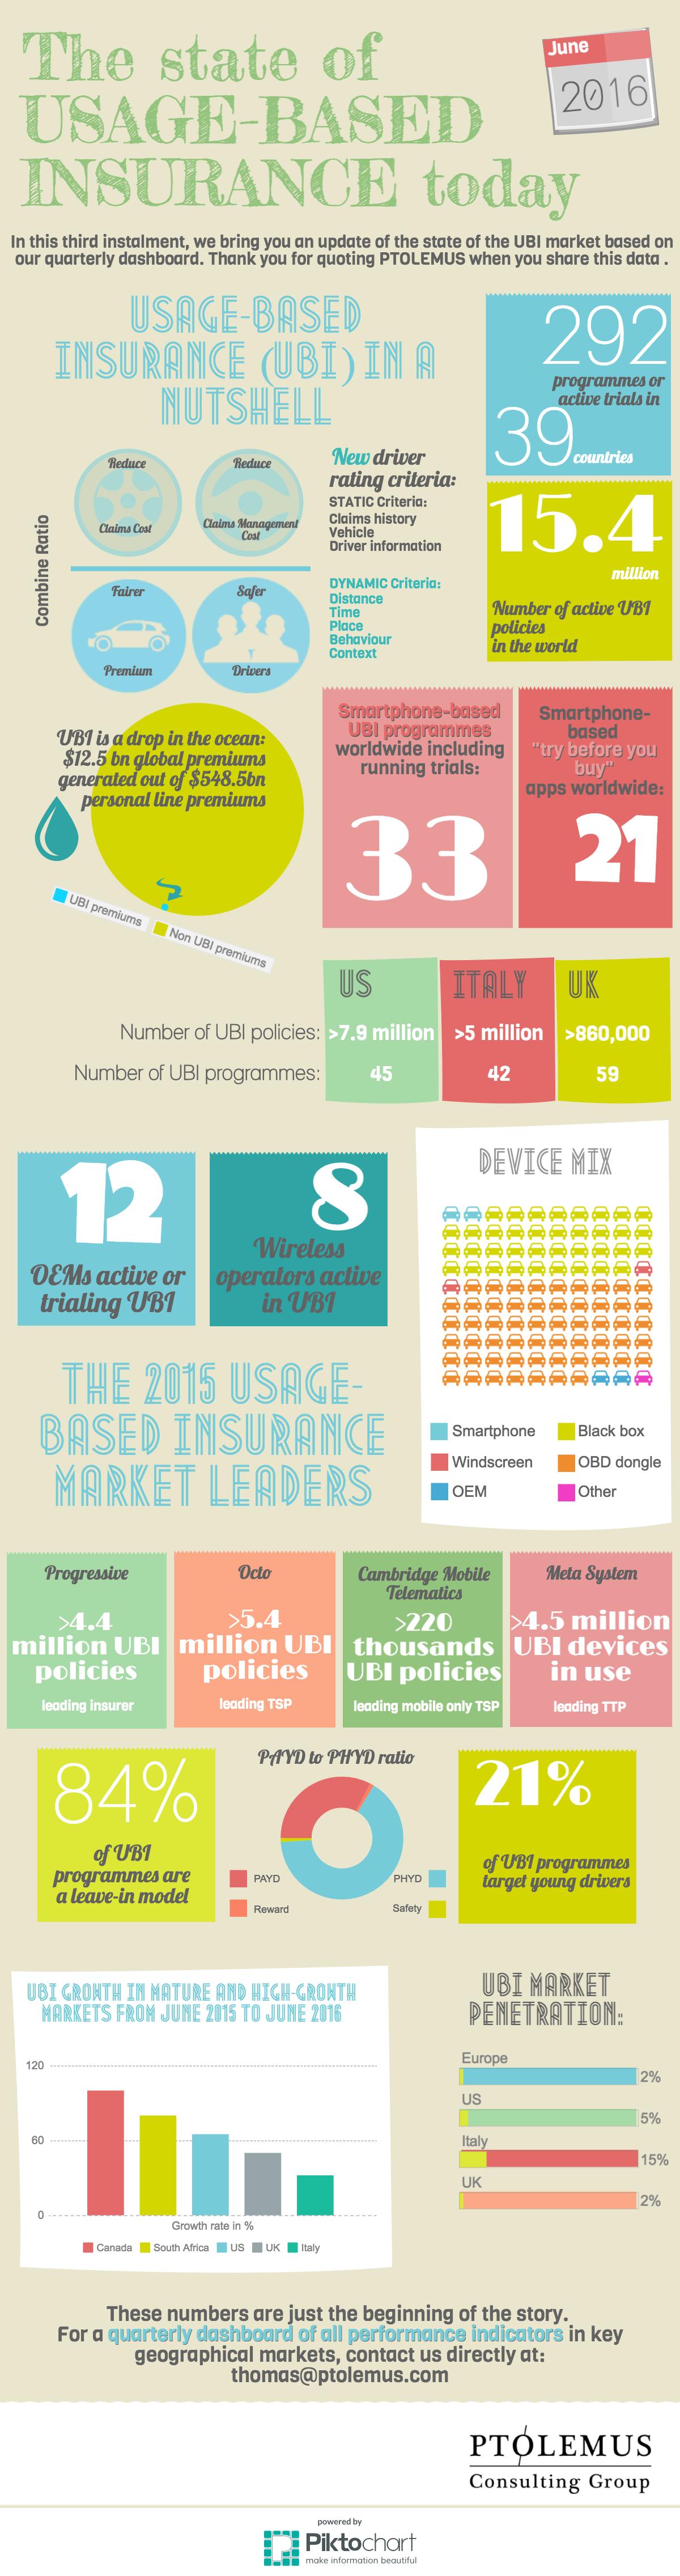 ptolemus-ubi-infographic-june16